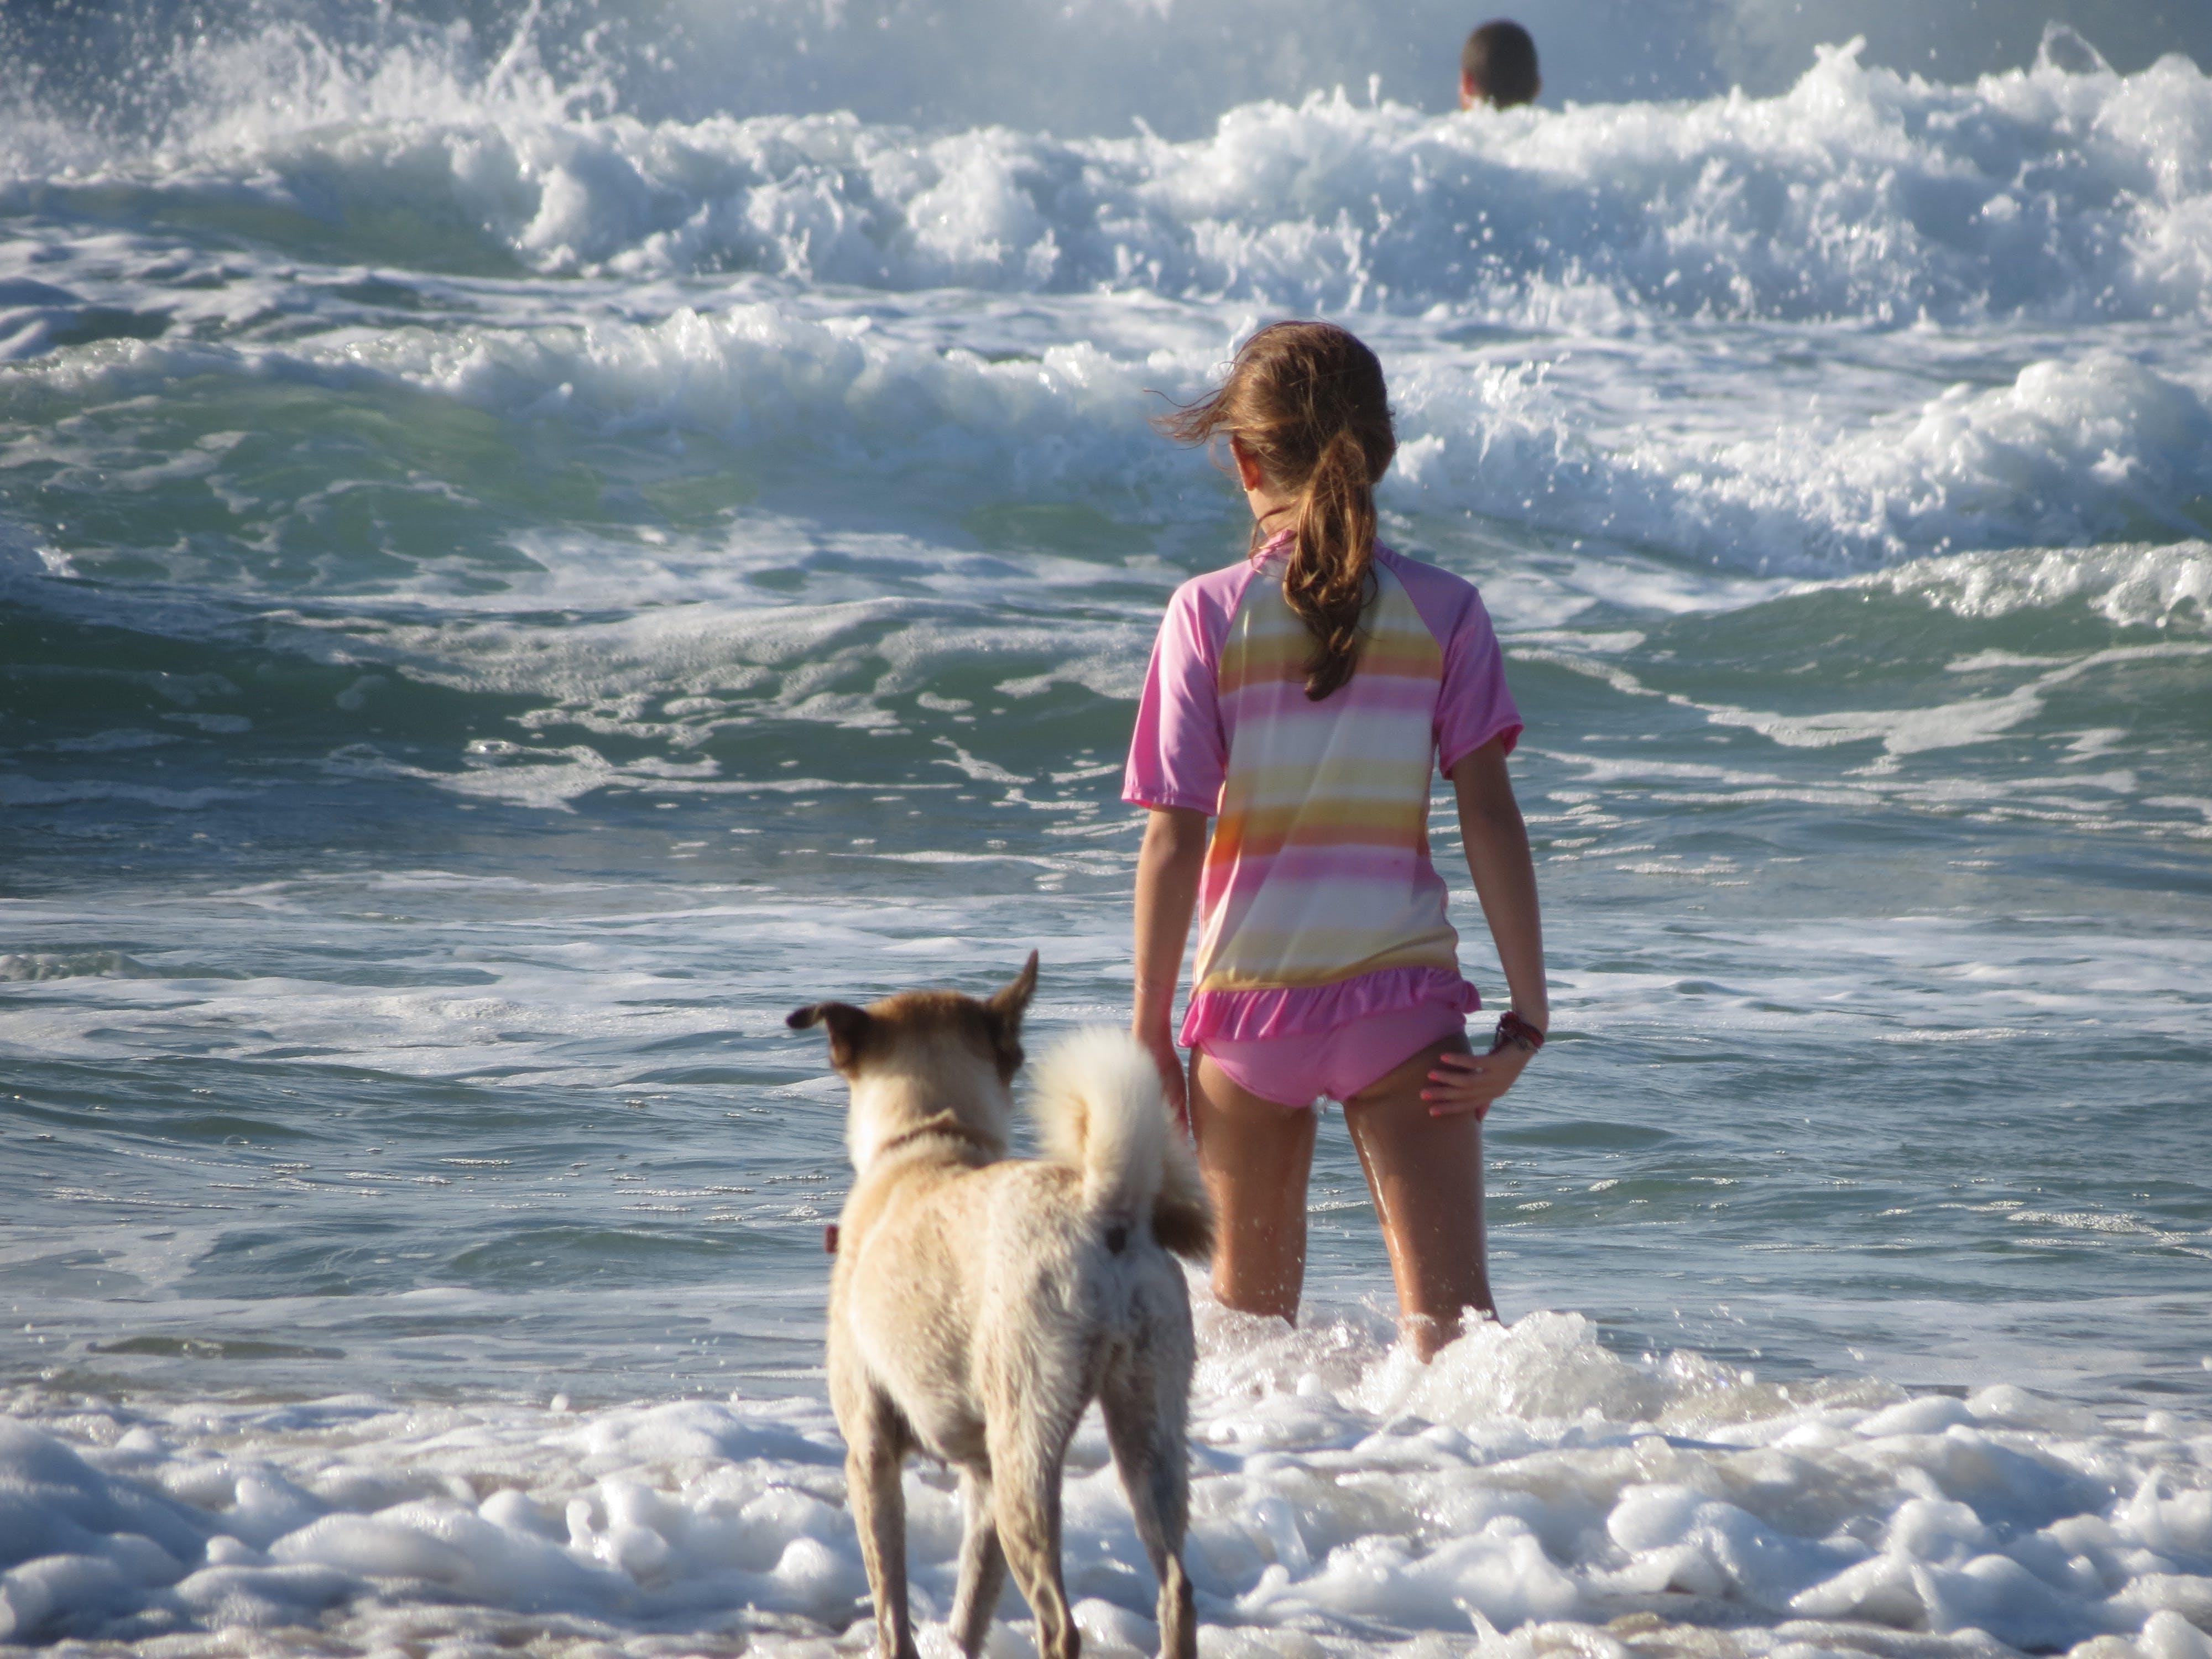 개, 소녀와 개는 바다에 입장, 손을 흔들다, 위험의 무료 스톡 사진